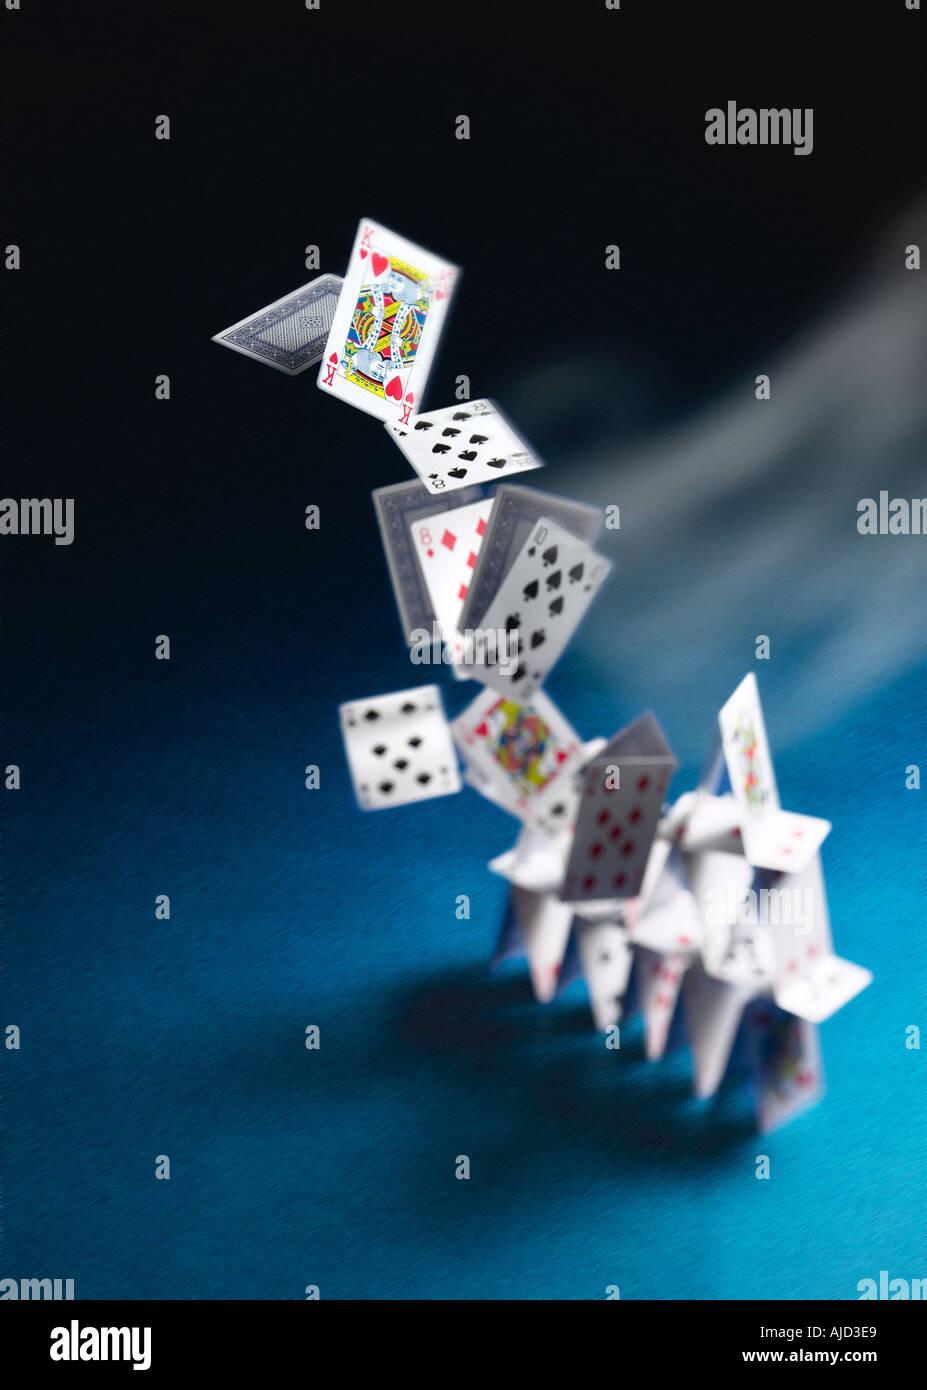 Torre di carte da gioco soffiata concept Immagini Stock